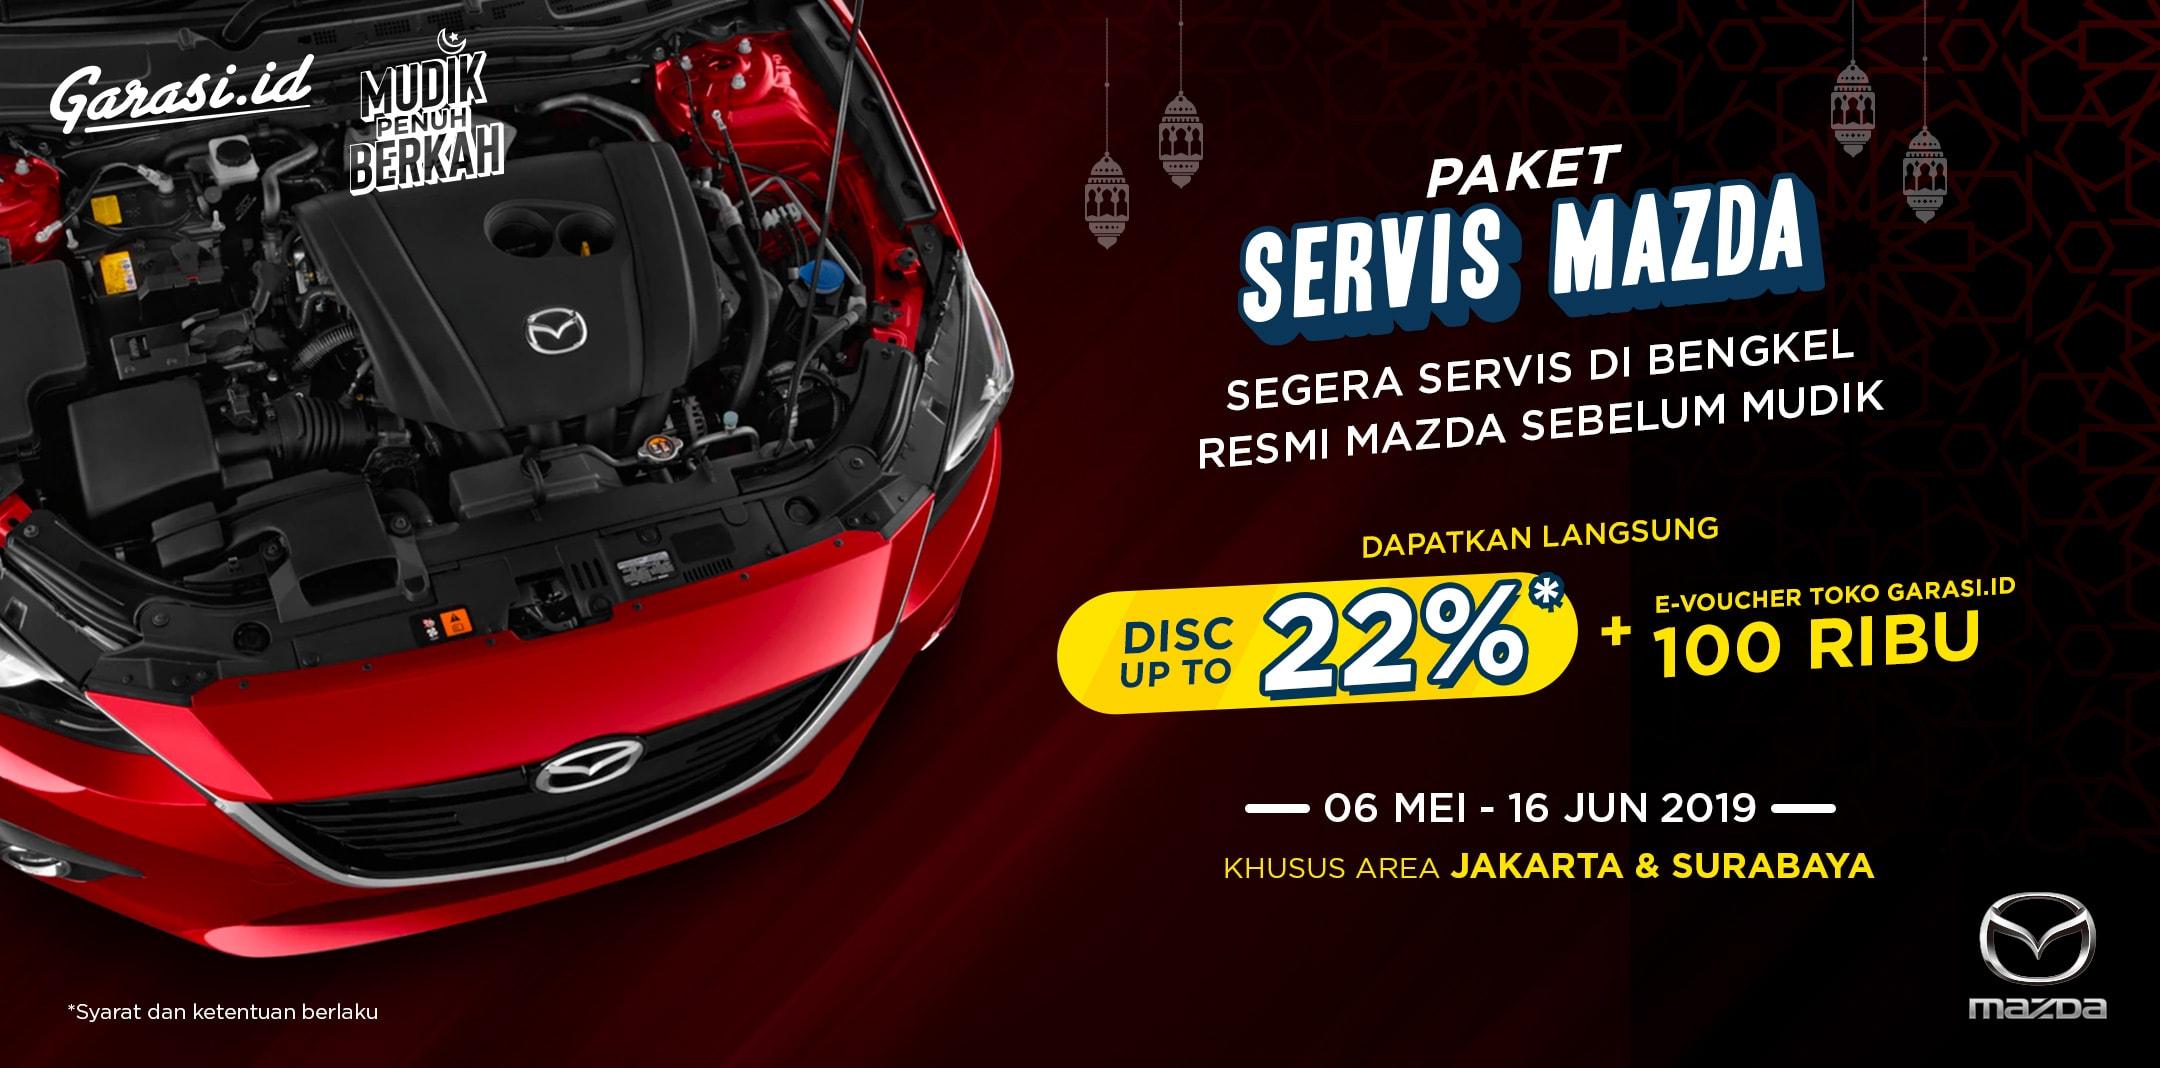 Mudik Penuh Berkah. Khusus pengguna Mazda 2, CX-5, CX-3 dan Biante, lebih hemat Servis Berkala di Bengkel Resmi Mazda dengan beli voucher di Garasi.id